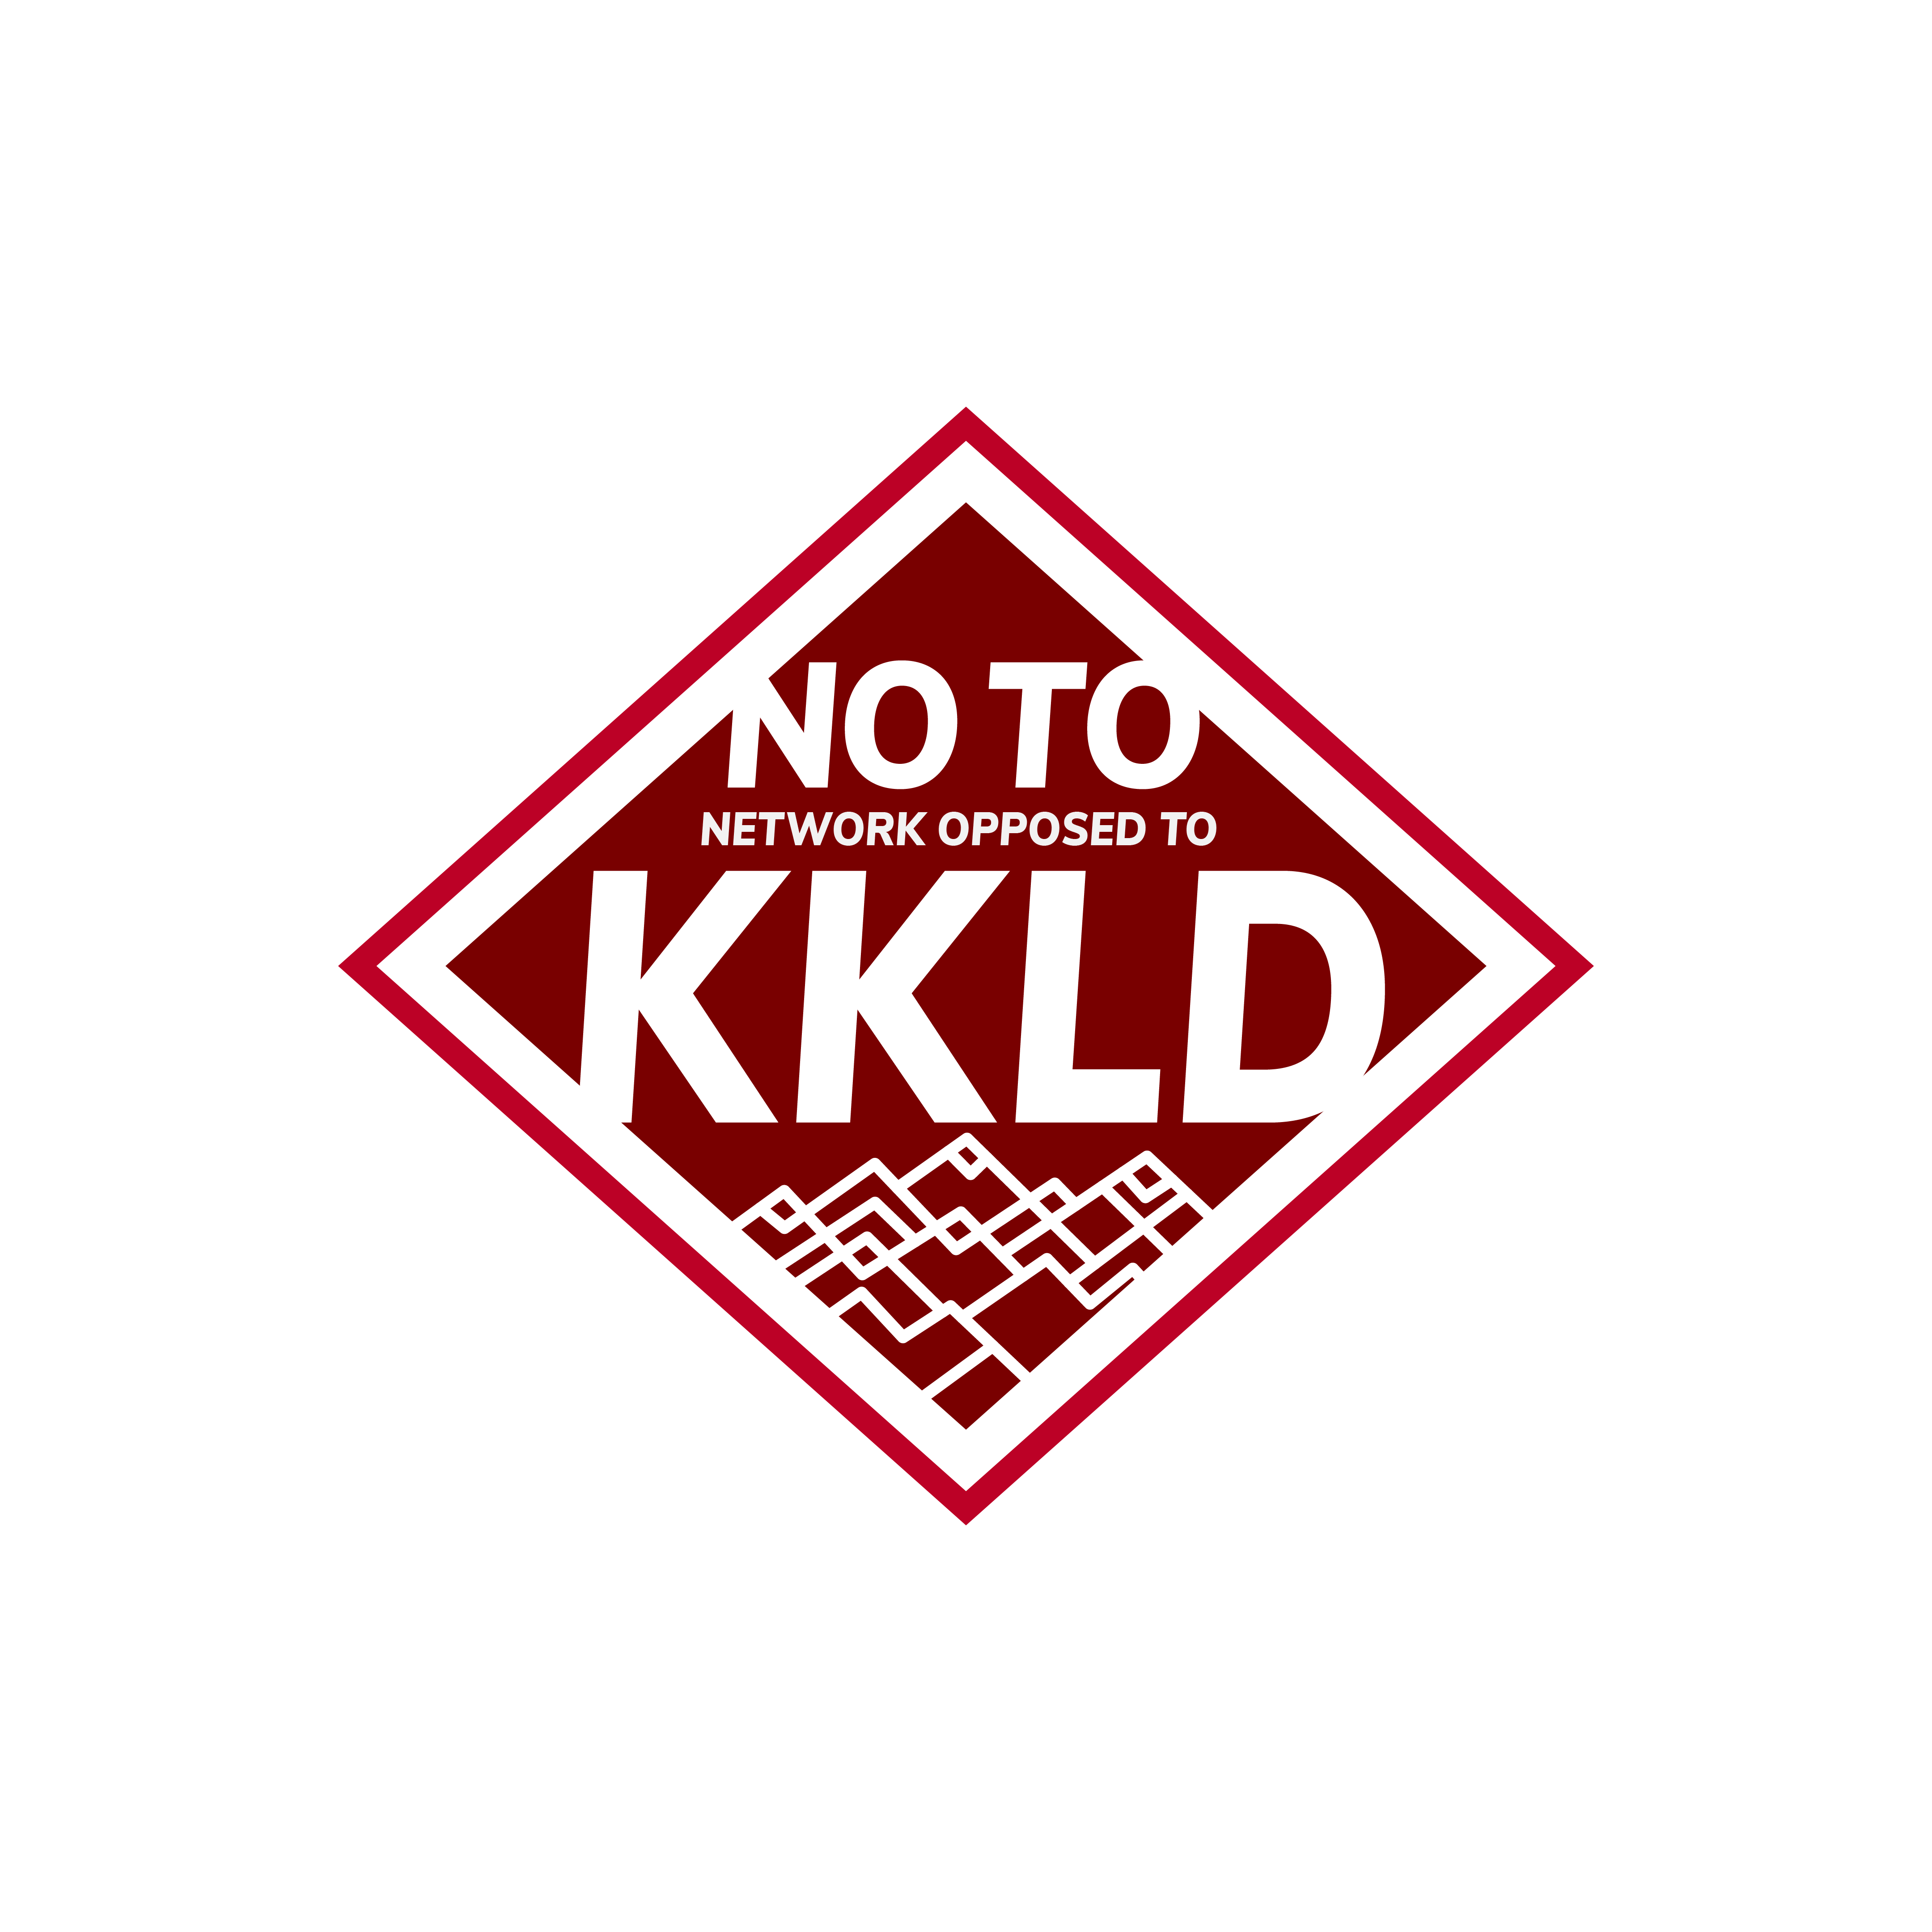 NO to KKLD